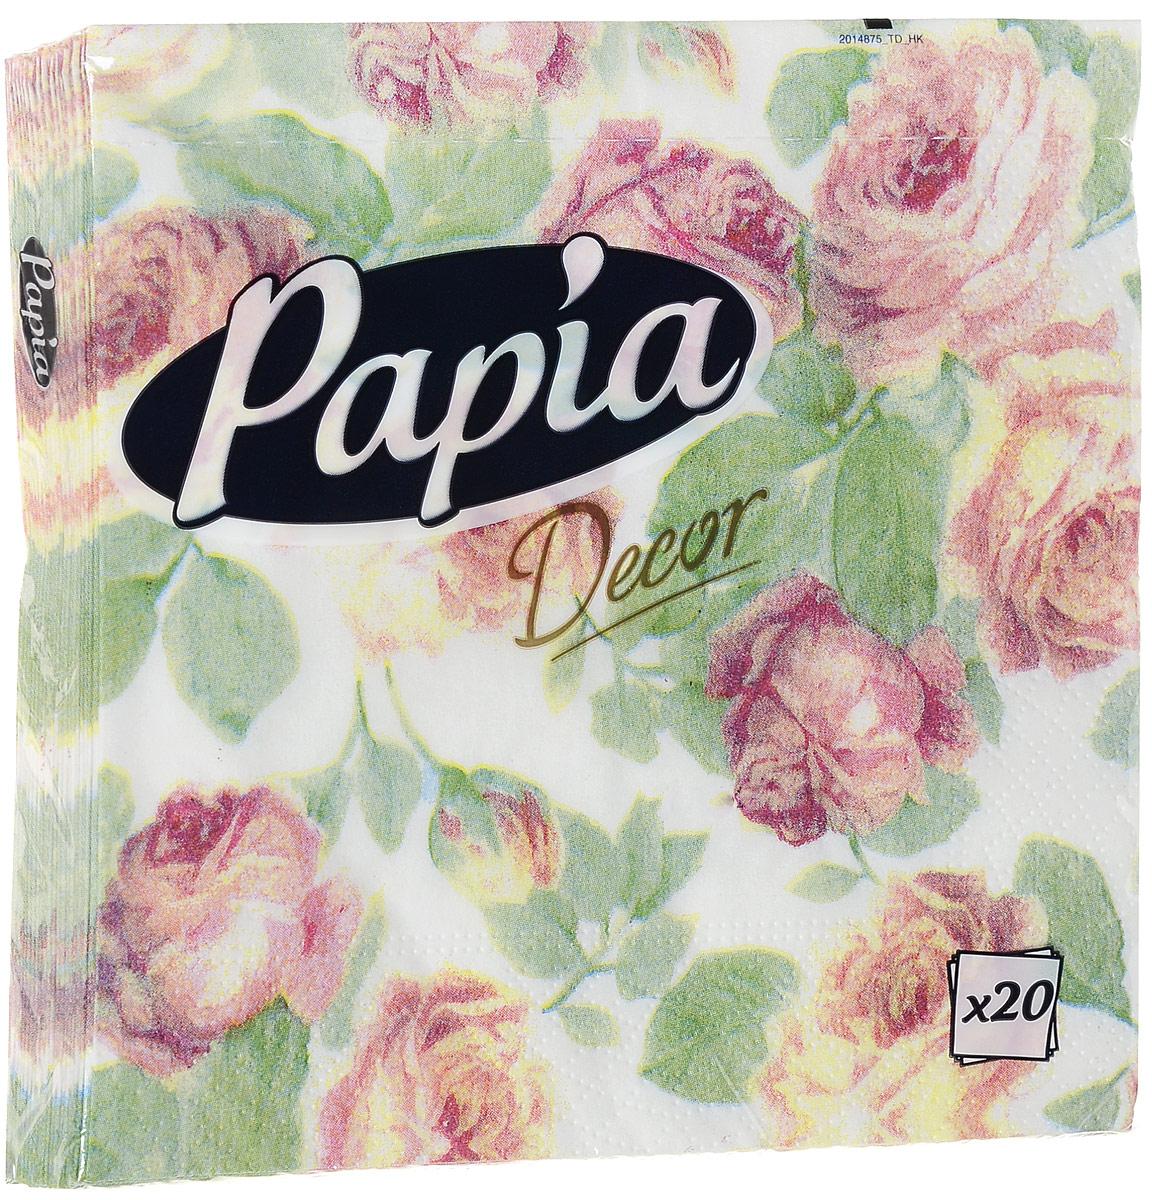 Салфетки бумажные Papia Decor, трехслойные, цвет: розовые розы, 33 х 33 см, 20 штSZ-14Трехслойные салфетки Papia Decor, выполненные из 100% целлюлозы, оформлены красивым рисунком. Салфетки предназначены для красивой сервировки стола. Оригинальный дизайн салфеток добавит изысканности вашему столу и поднимет настроение. Размер салфеток: 33 см х 33 см.